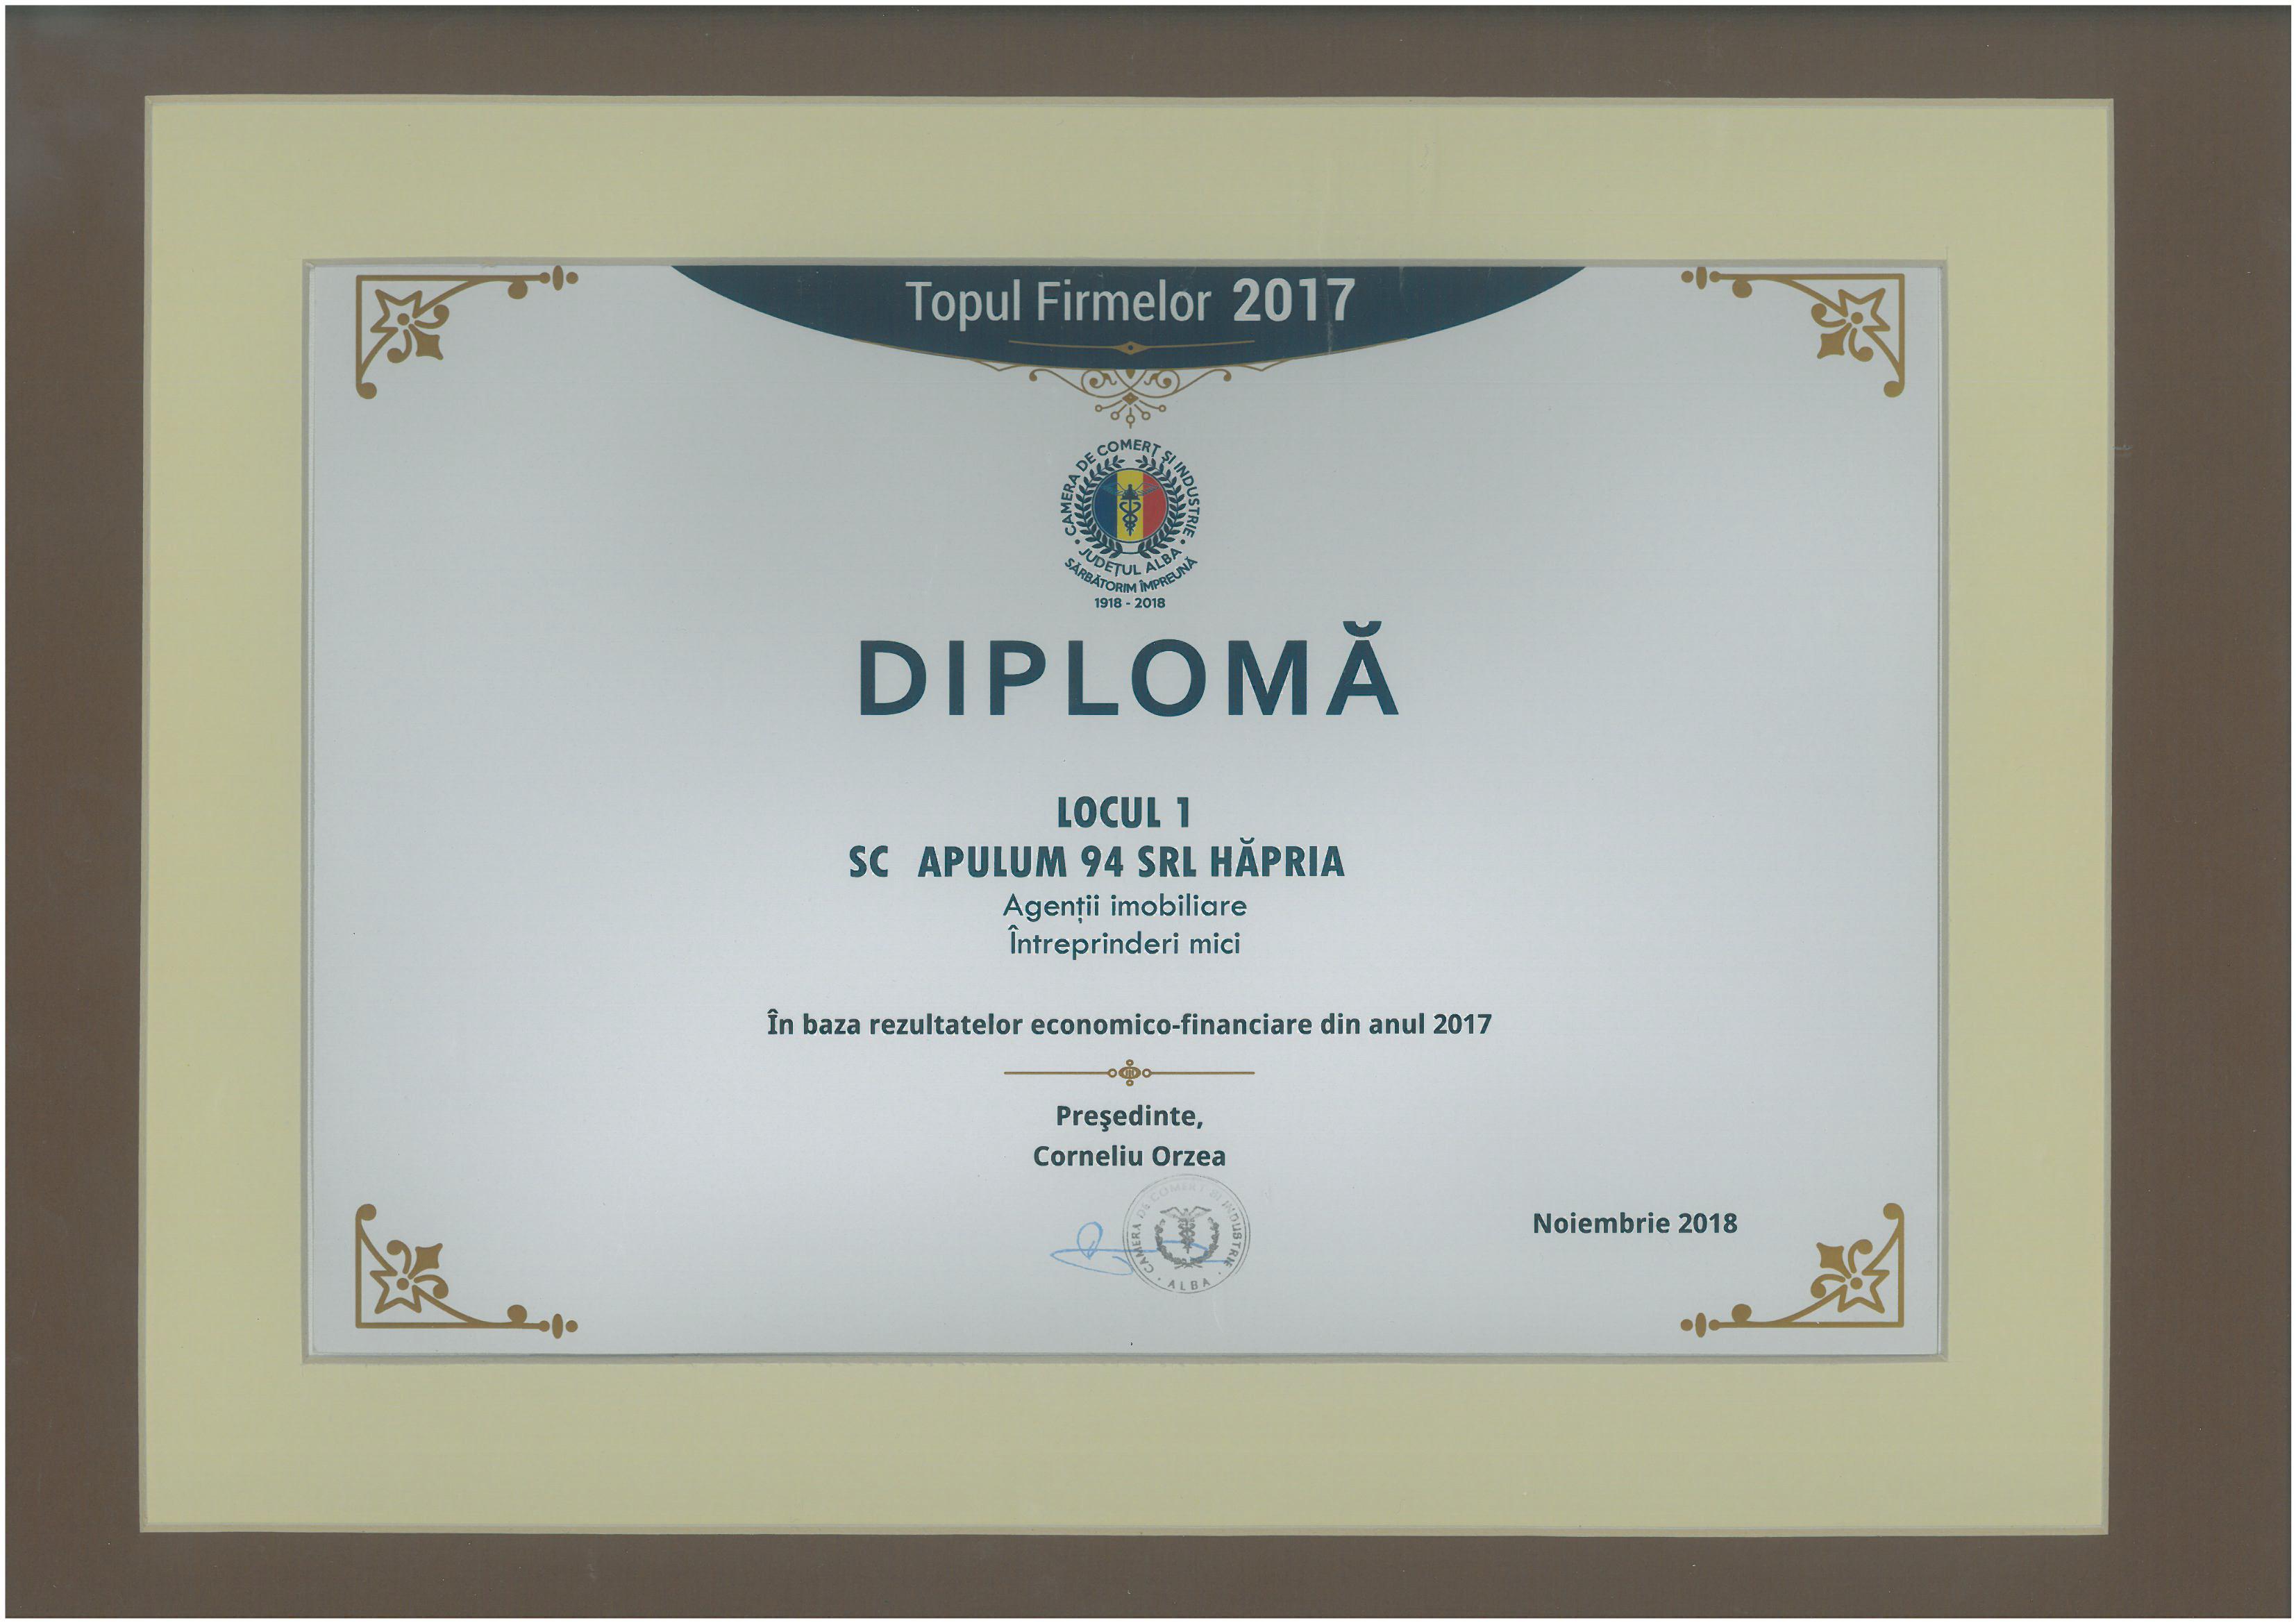 Topul Firmelor - 2017 - Locul 1